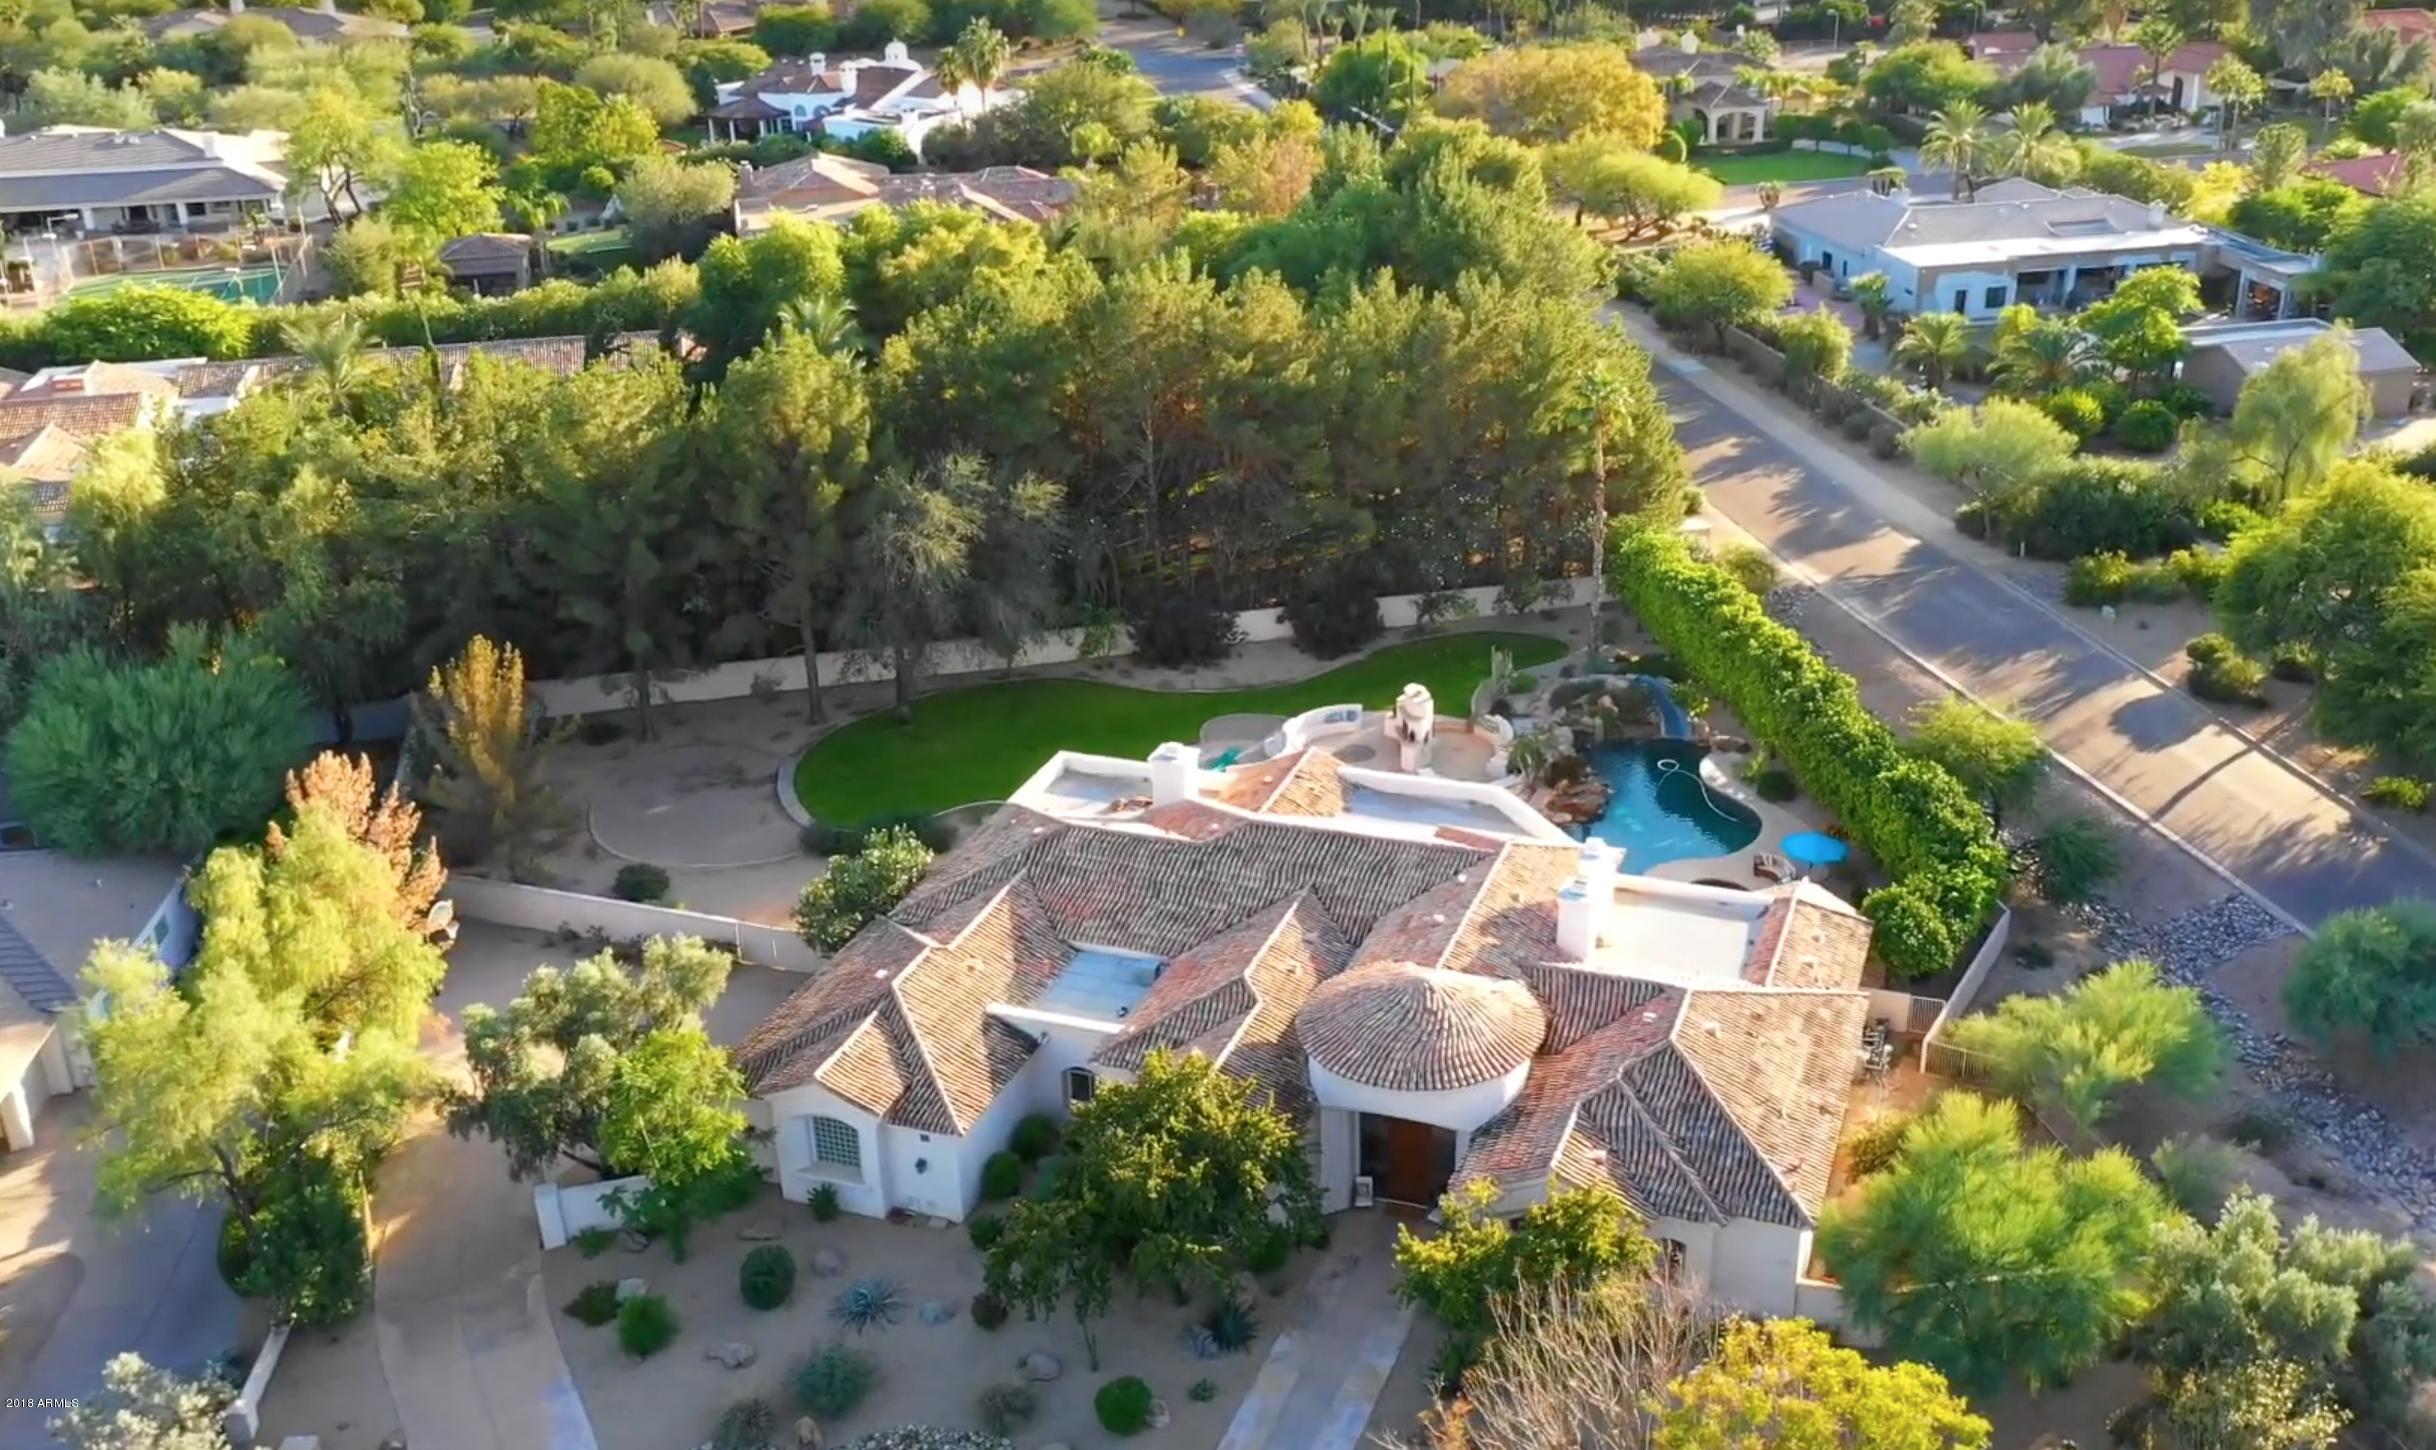 MLS 5824256 7031 E MORTEN Avenue, Paradise Valley, AZ 85253 Paradise Valley AZ Cheney Estates